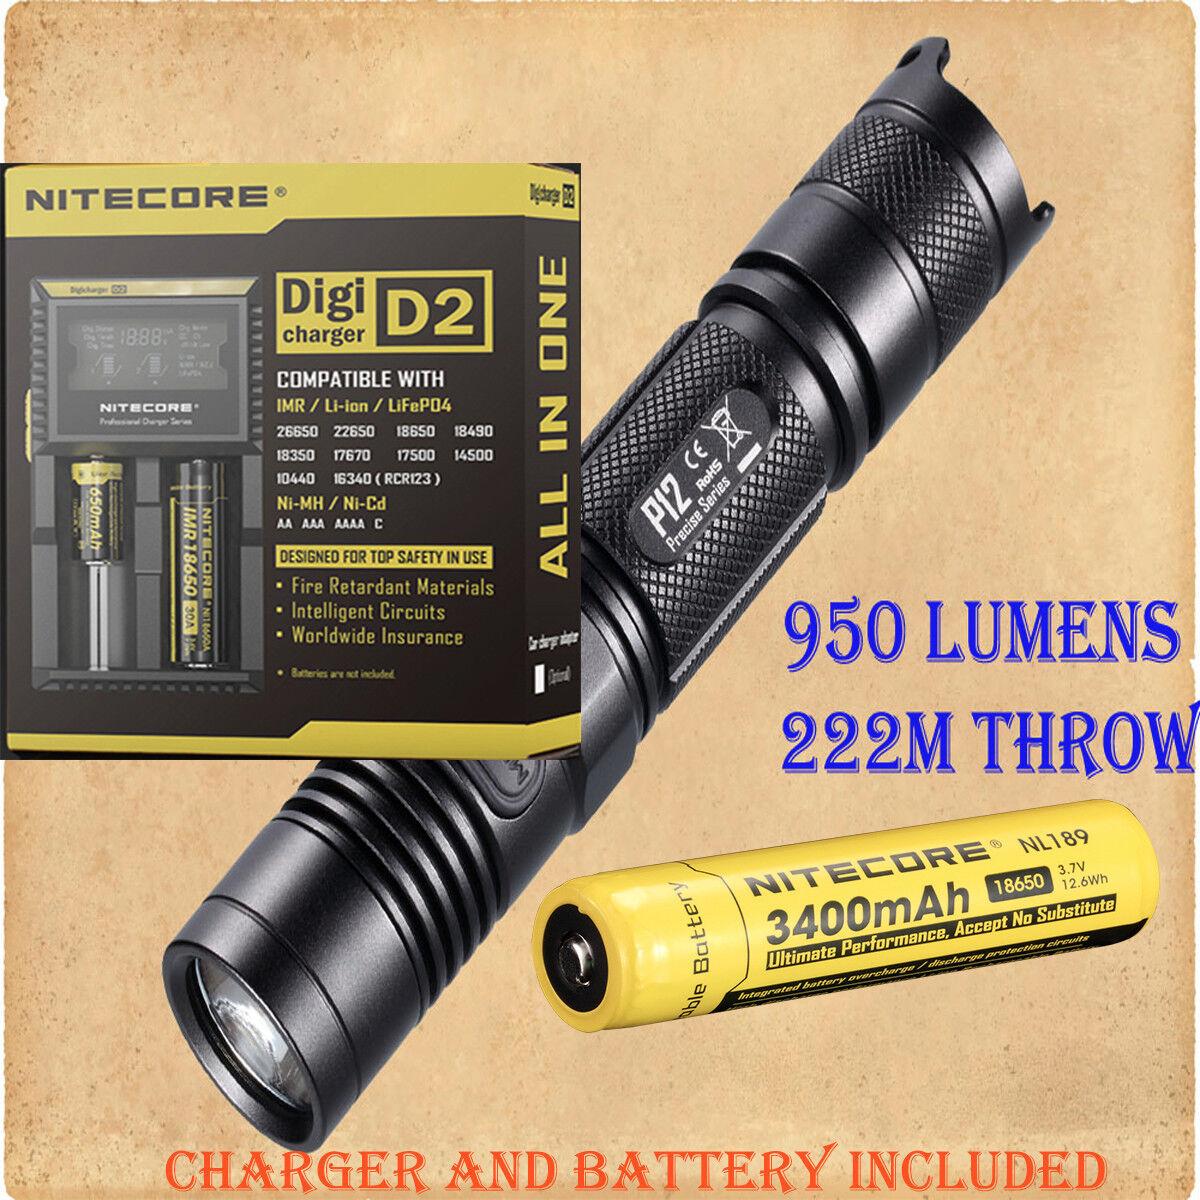 Nitecore P12 Cree XM-L2 LED Flashlight - w D2 Digicharger & NL189 3400mAh 18650